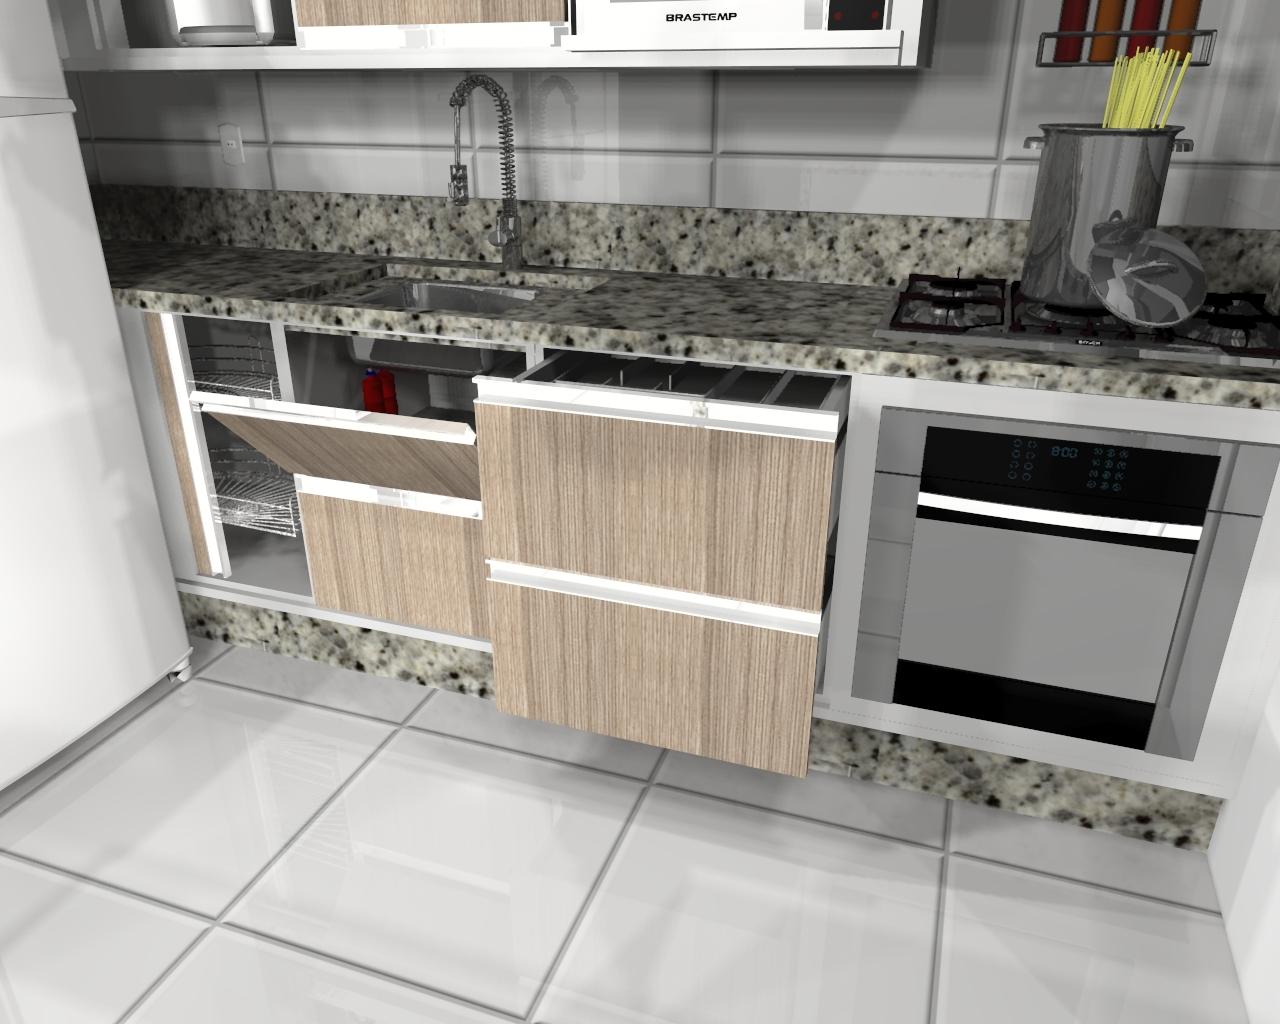 decoracoes.: Cozinha Branca com Teka Barcelona granito Branco Ceara #8A8A41 1280x1024 Banheiro Com Granito Branco Ceara